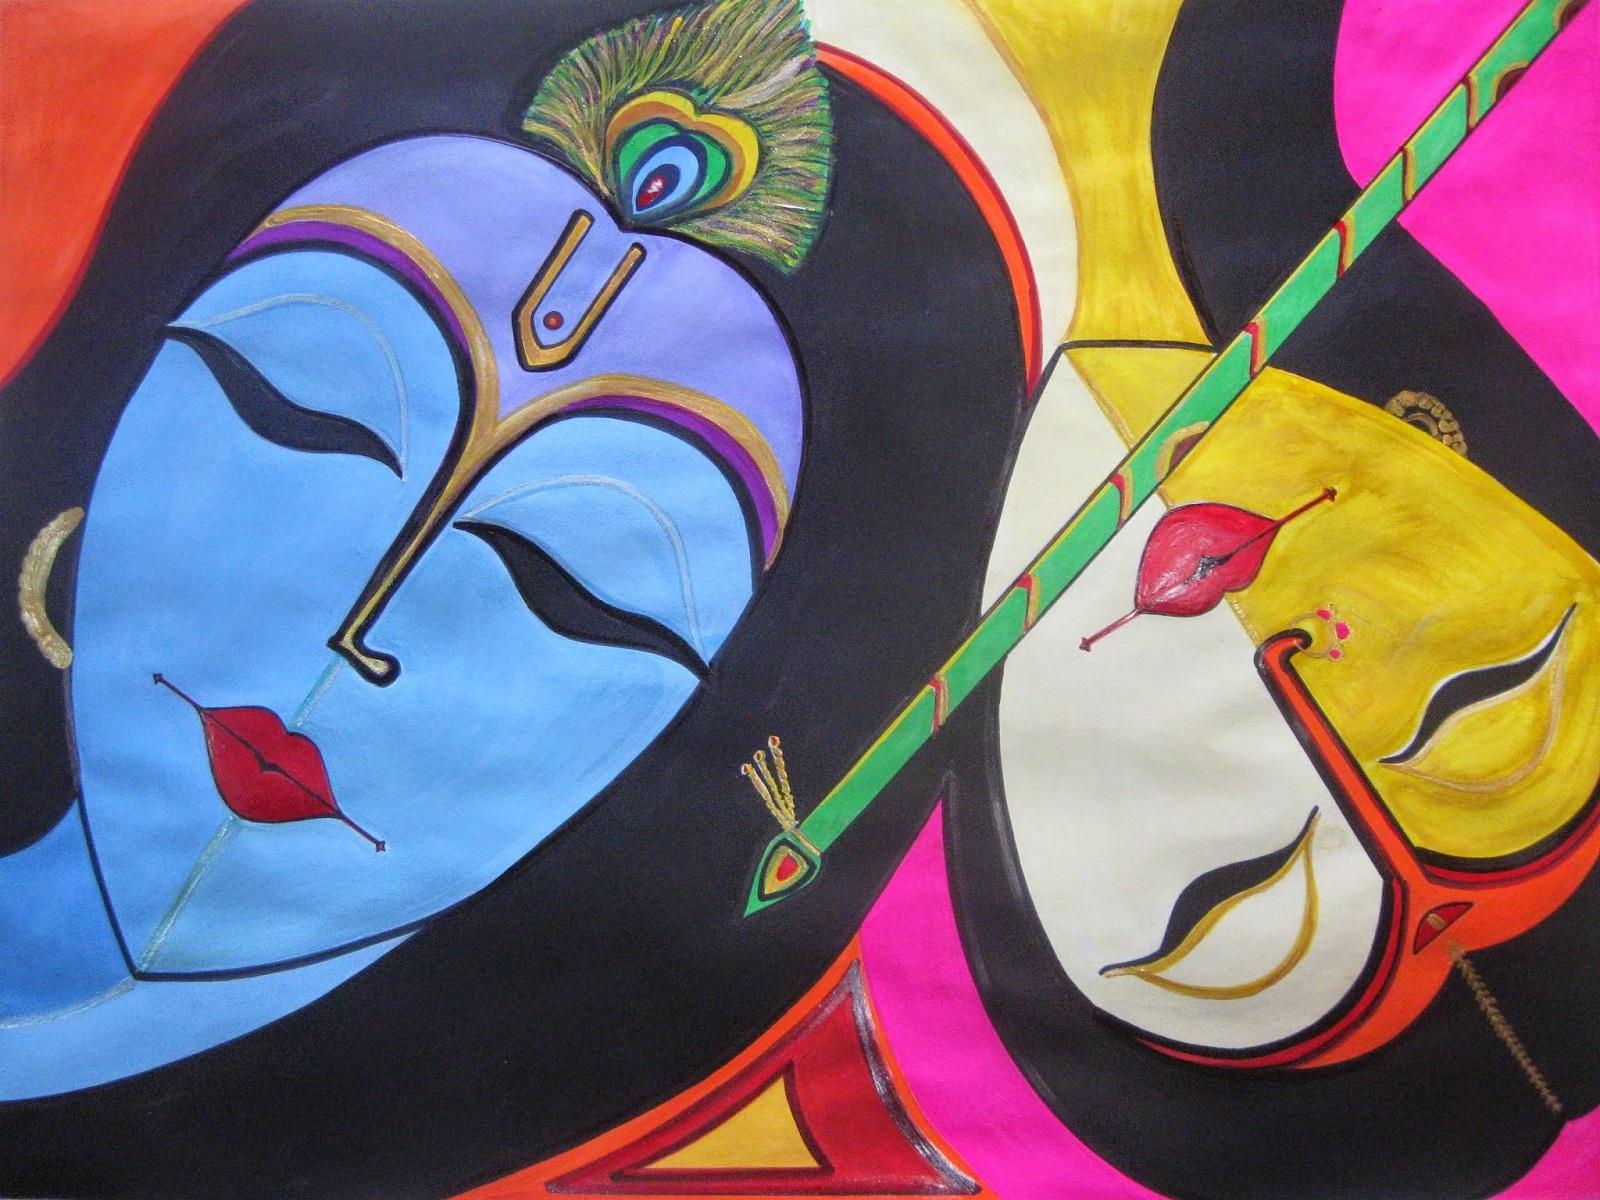 Shri Krishna Lord 1080p HD Wallpapers